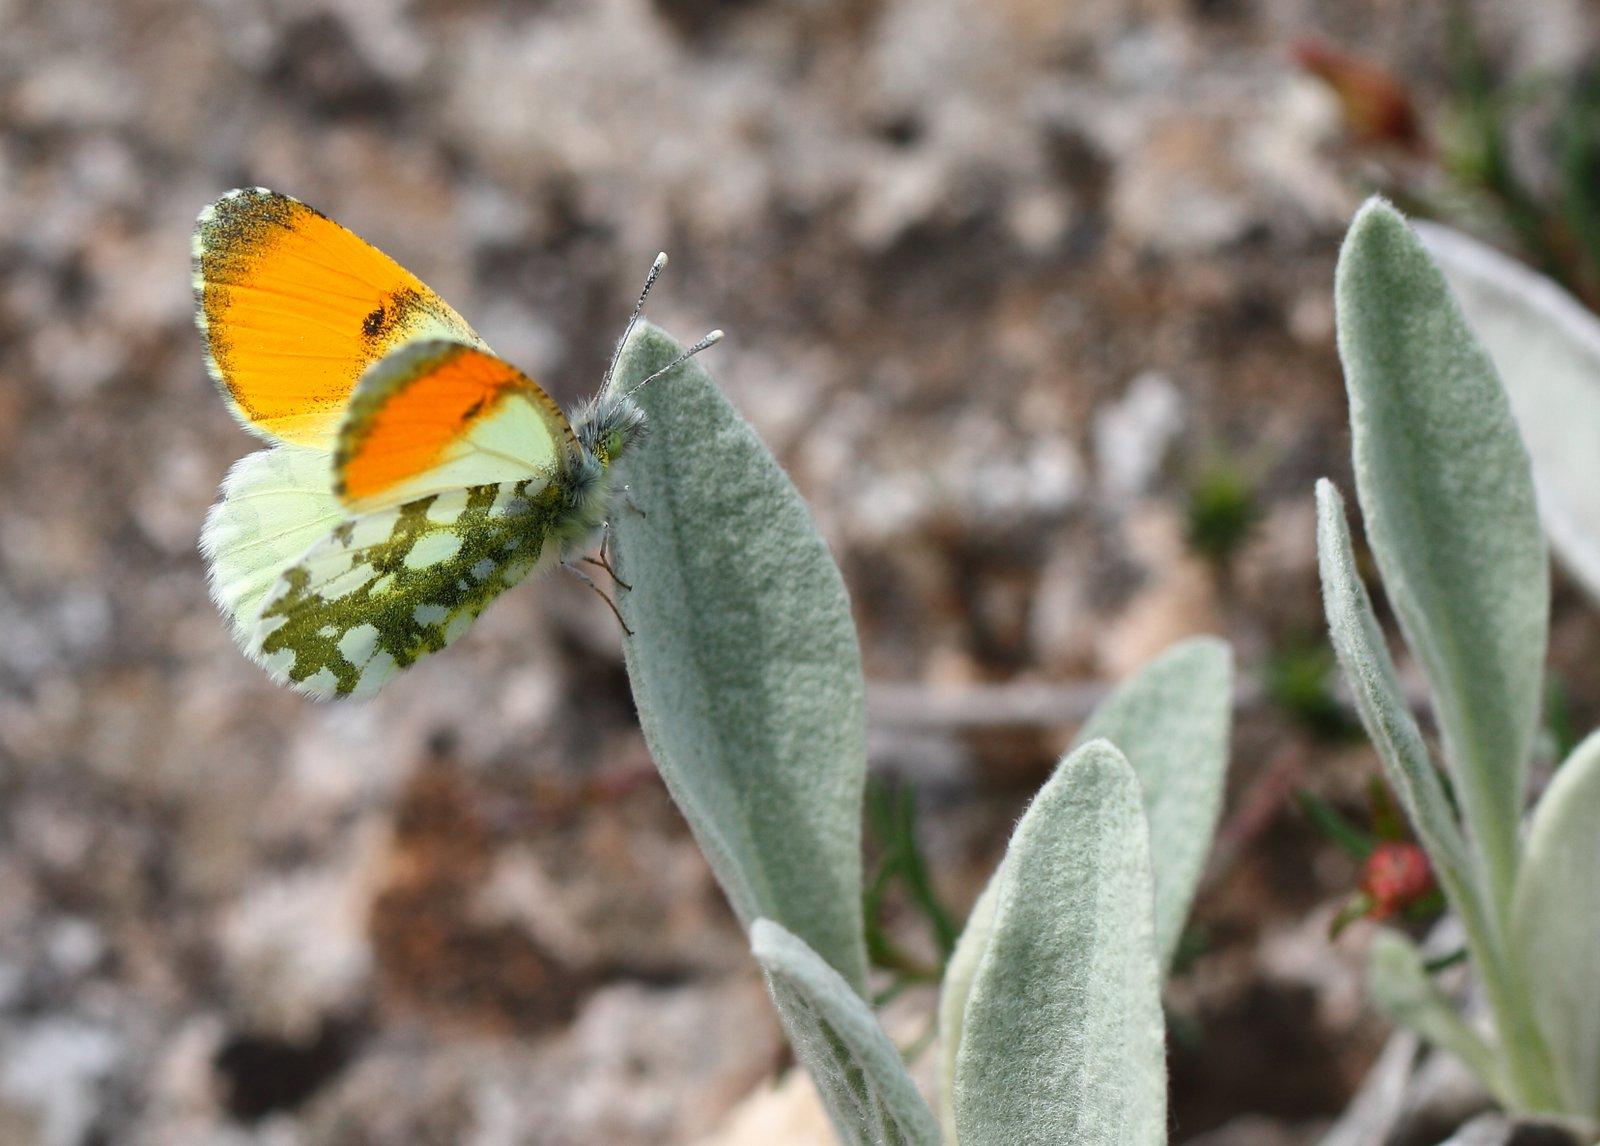 Lille gul Aurora, Anthocharis gruneri